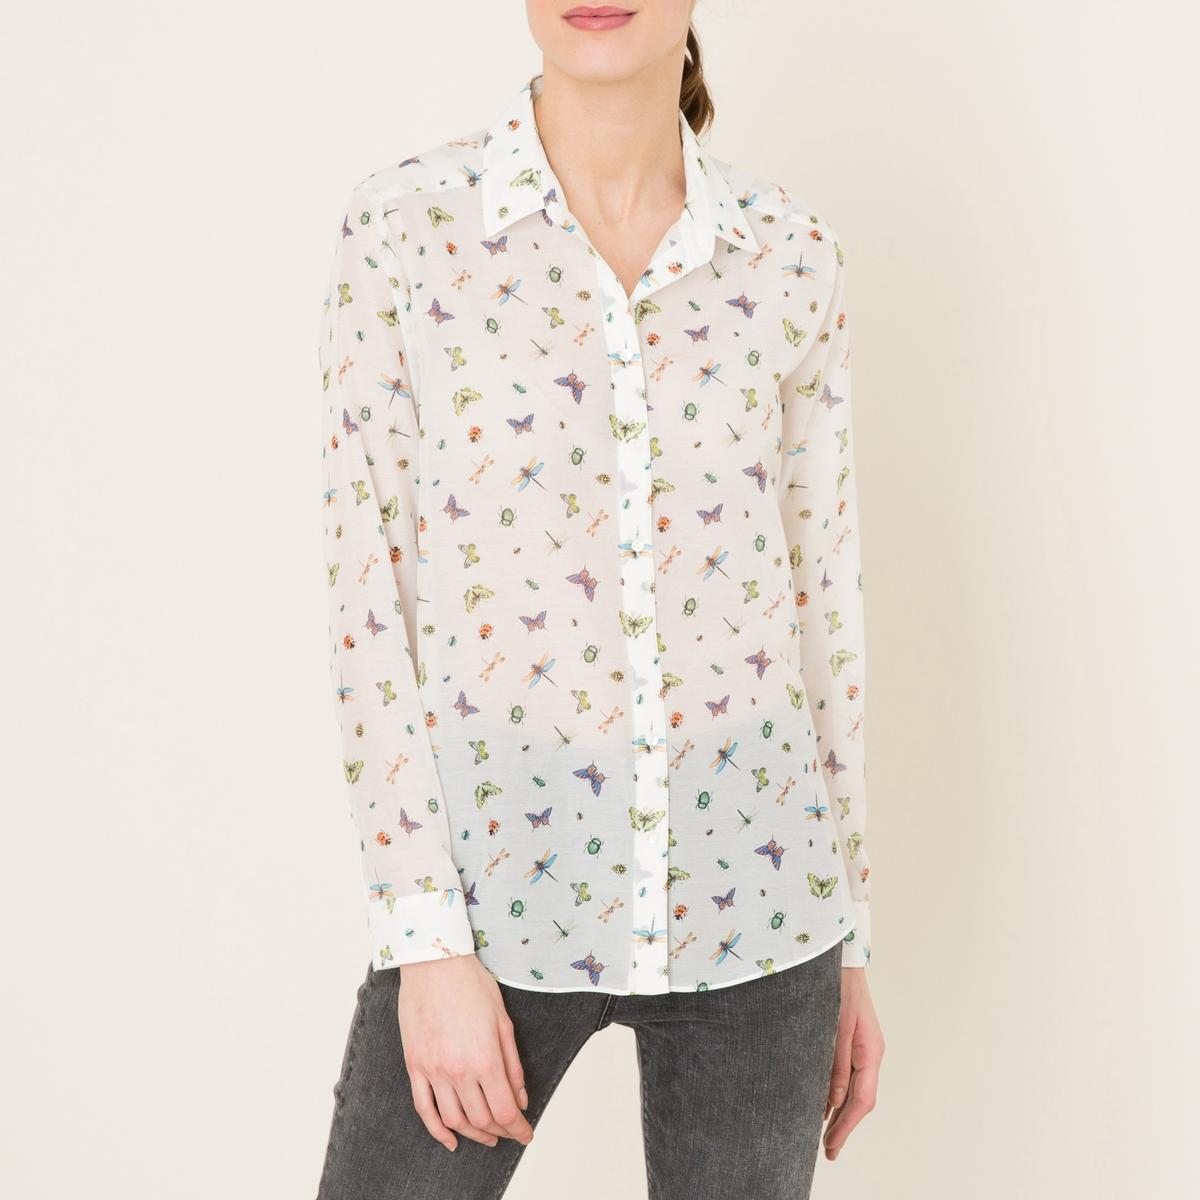 Рубашка с рисункомРубашка THE KOOPLES - из хлопка и шелка  со сплошным принтом бабочки . Воротник со свободными уголками. Планка спереди и манжеты с застежкой на пуговицы. Слегка закругленный низ. Состав и описание    Материал : 70% хлопка, 30% шелка   Марка : THE KOOPLES<br><br>Цвет: экрю